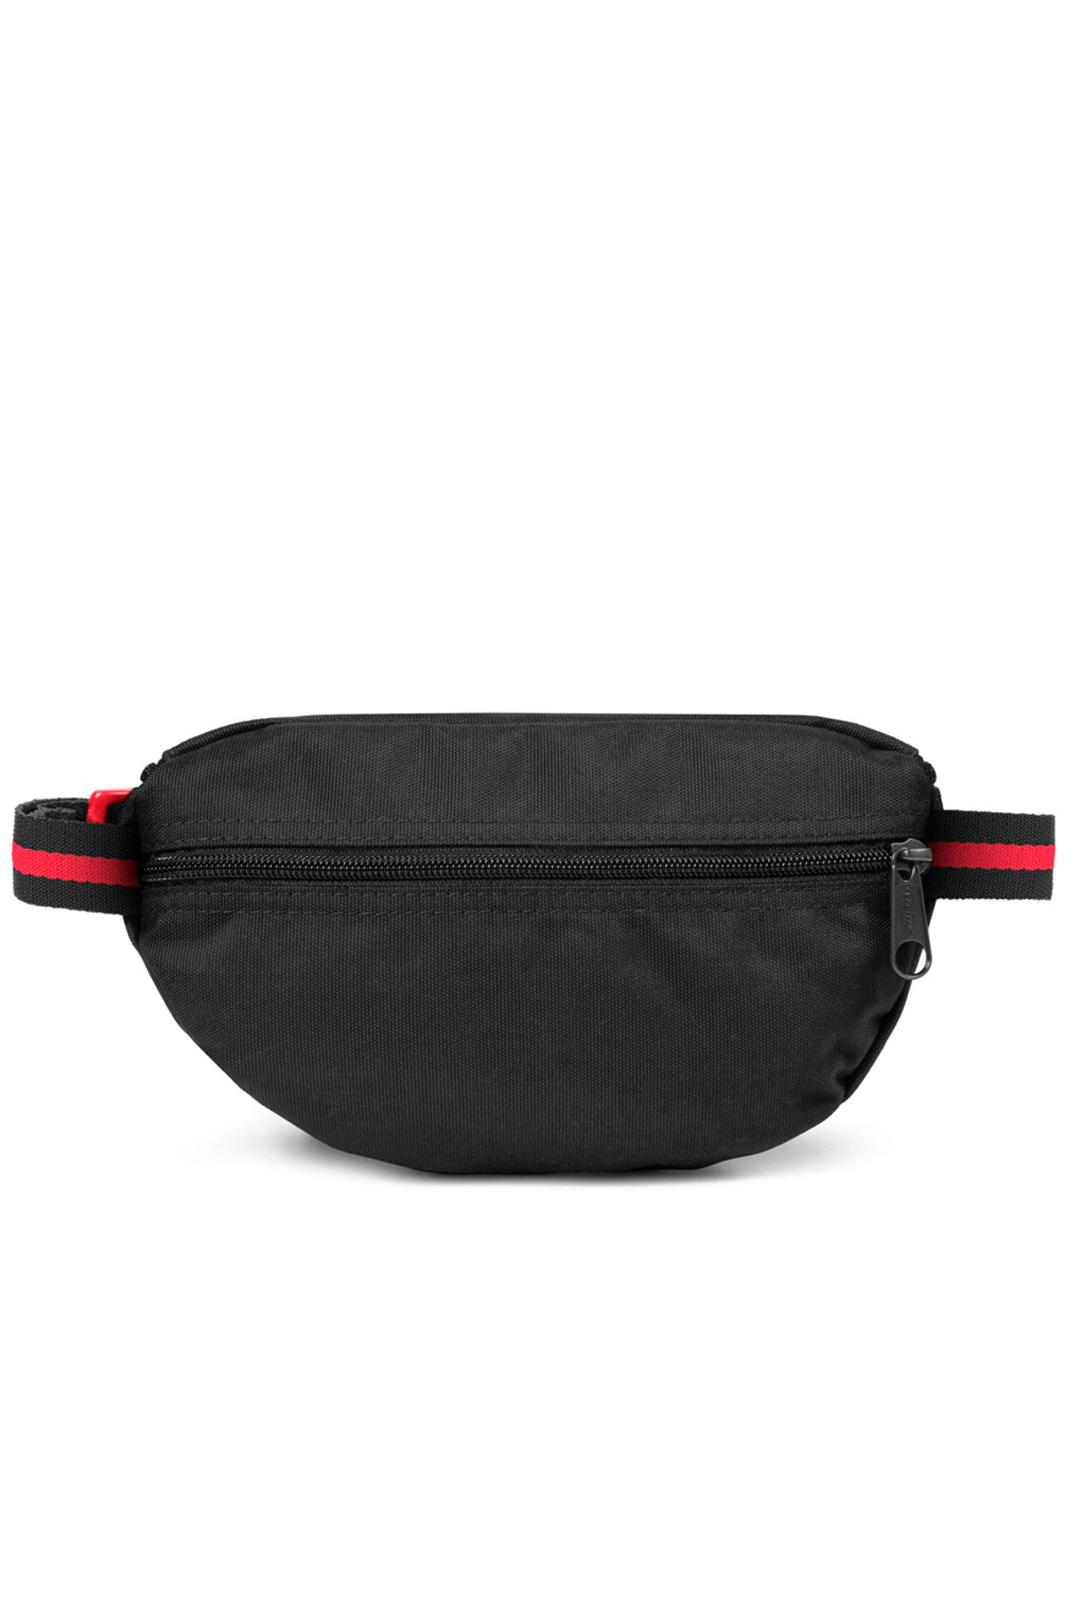 Sac porté épaule  Eastpak EK074A11 noir multi rouge